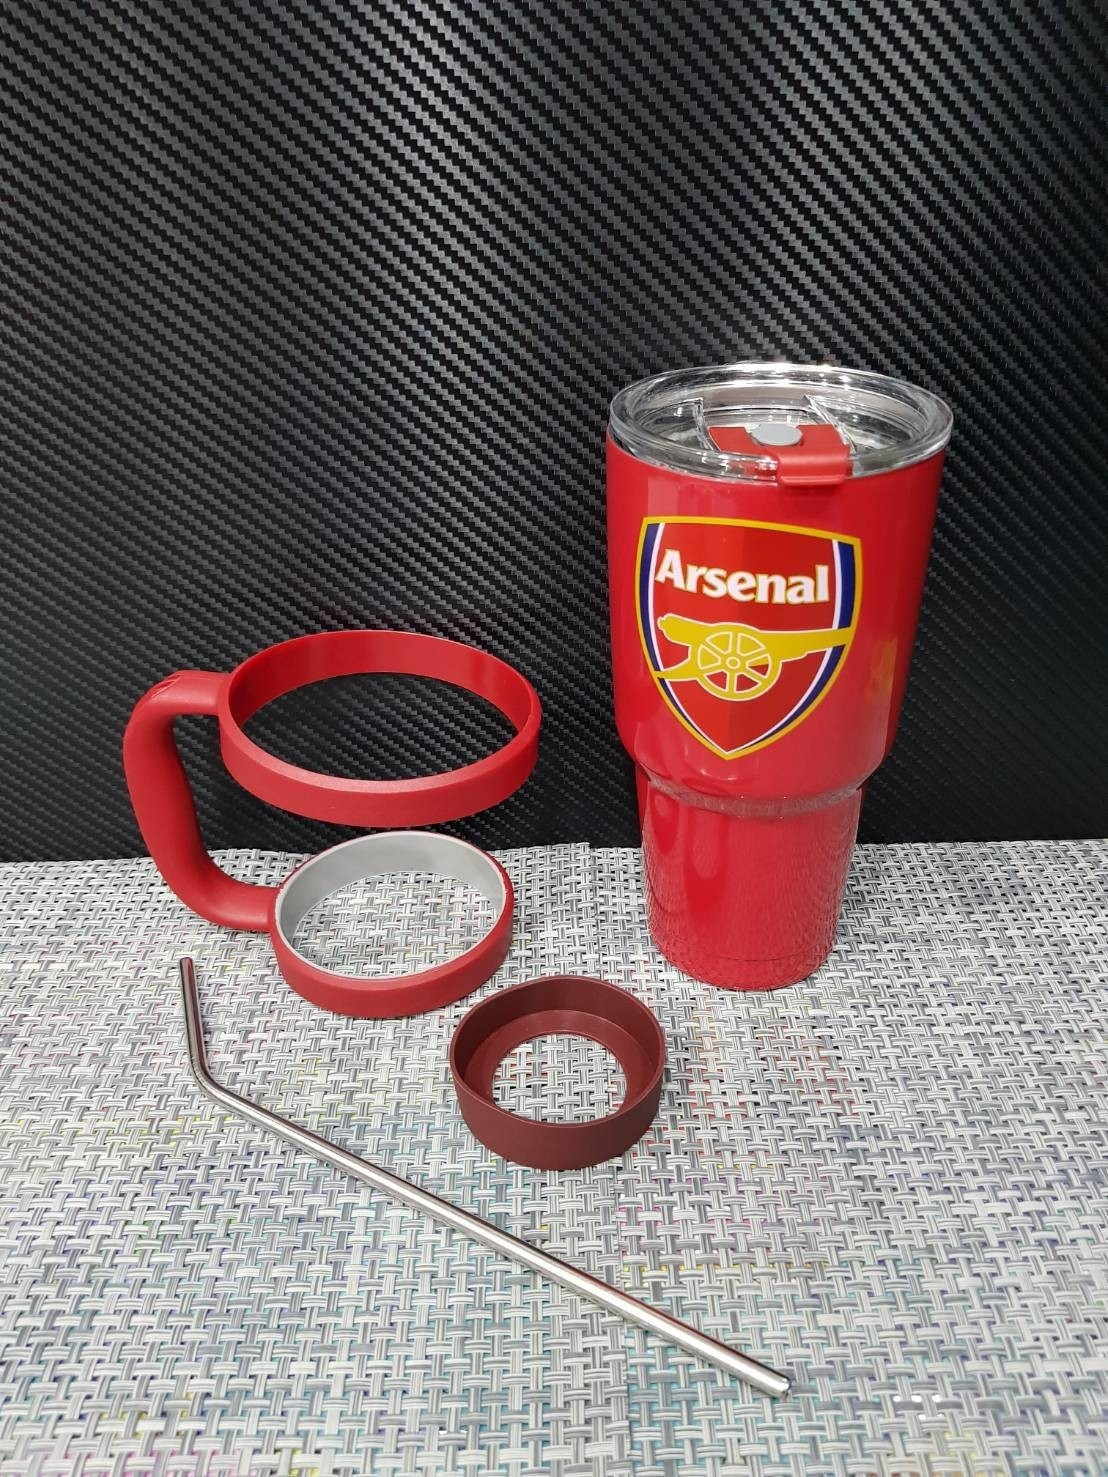 ชุดแก้วเยติ 30 ออนซ์ พื้นสีแดง โลโก้ อาร์เซนอล